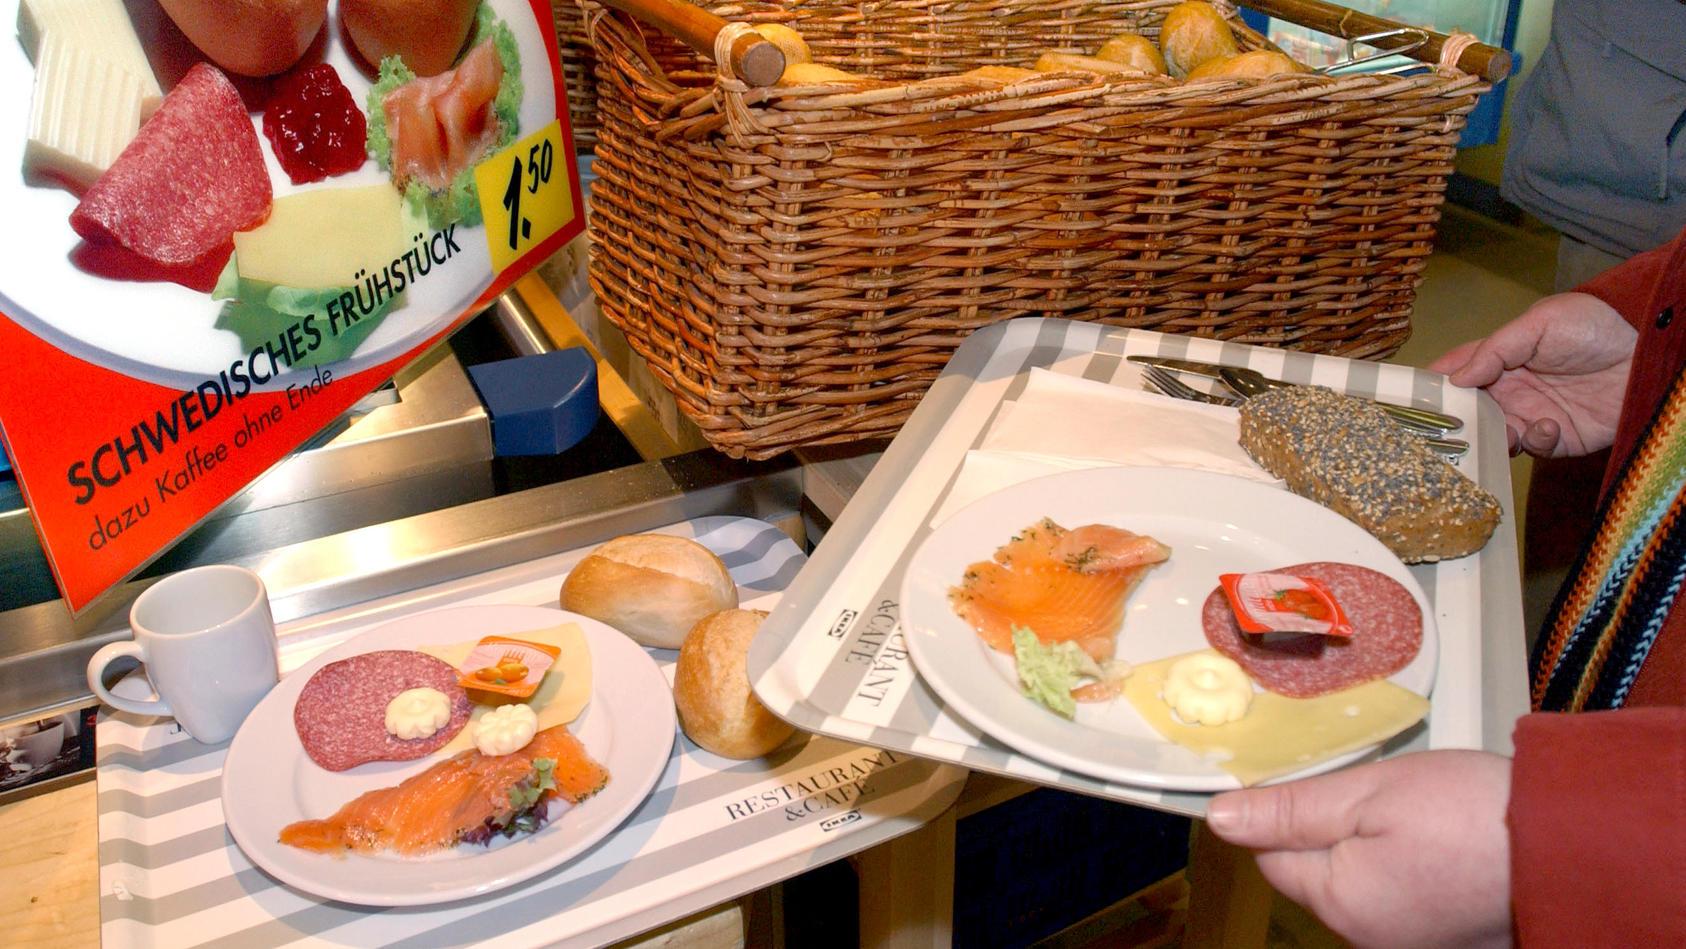 Wurst-Aufschnitt der Firma Wilke wurde auch in Ikea-Restaurants verkauft. (Symbolbild)